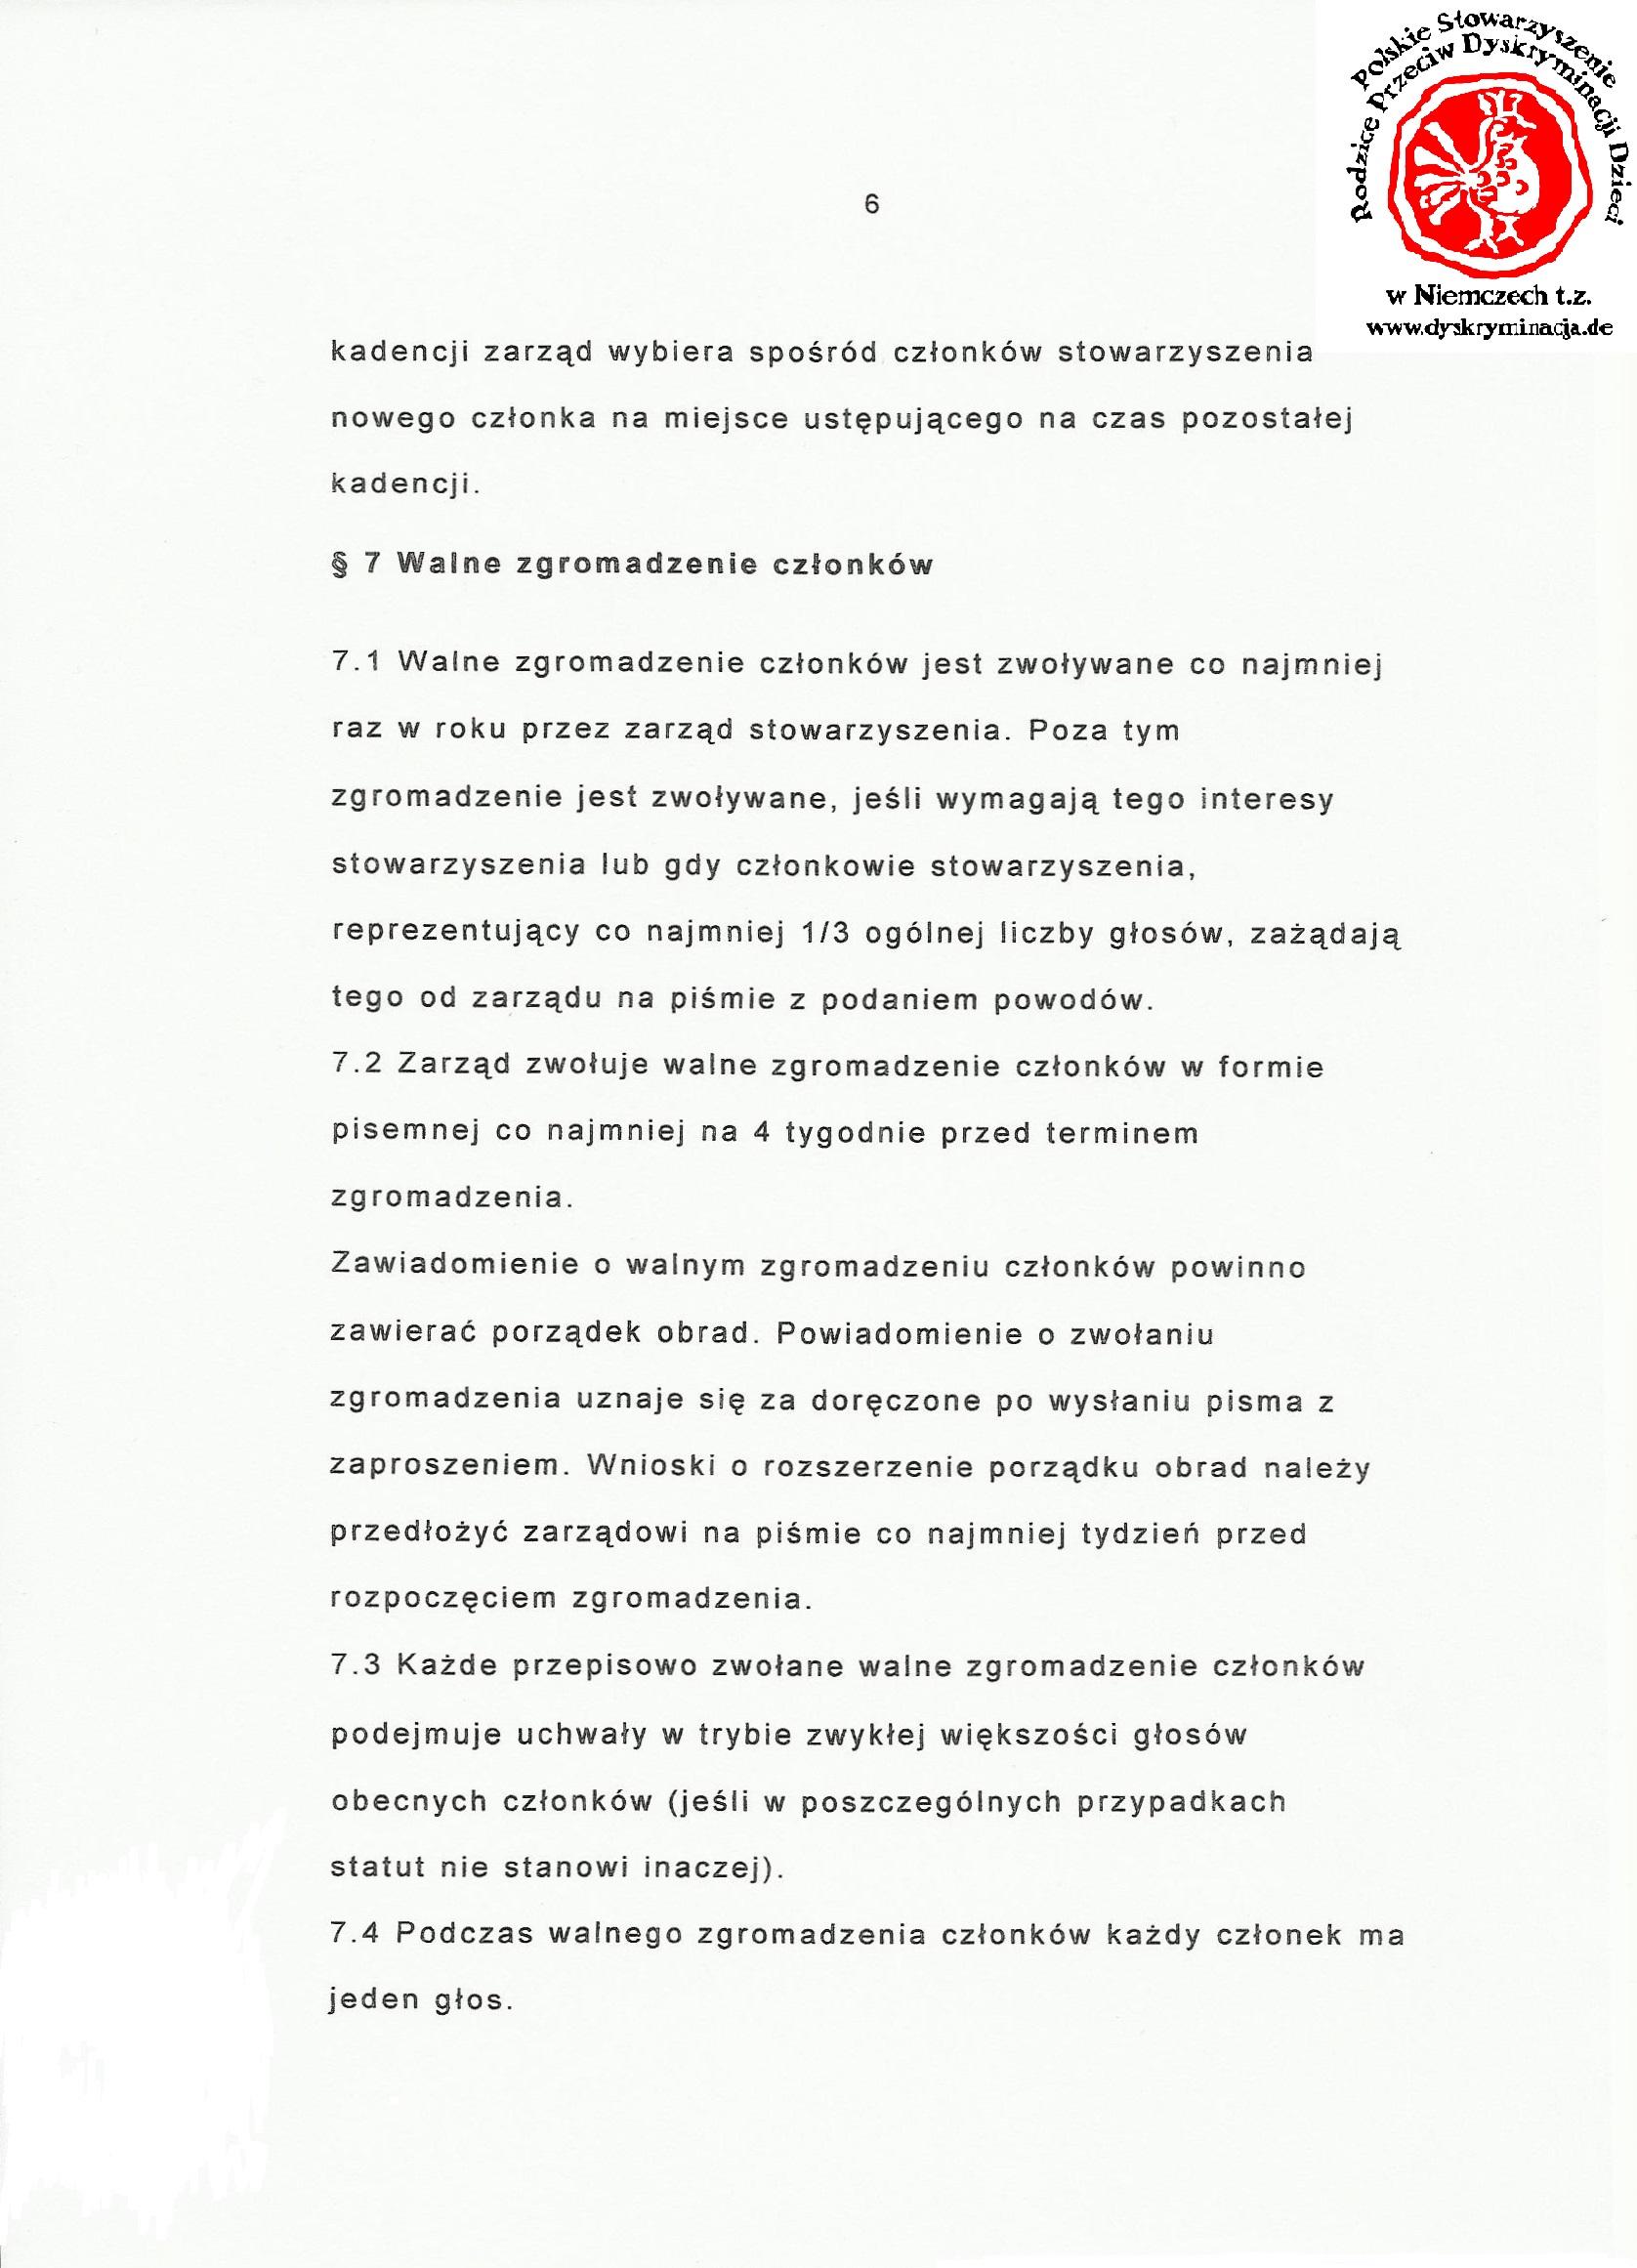 Statut: Polskie Stowarzyszenie Dyskryminacja.de str.6